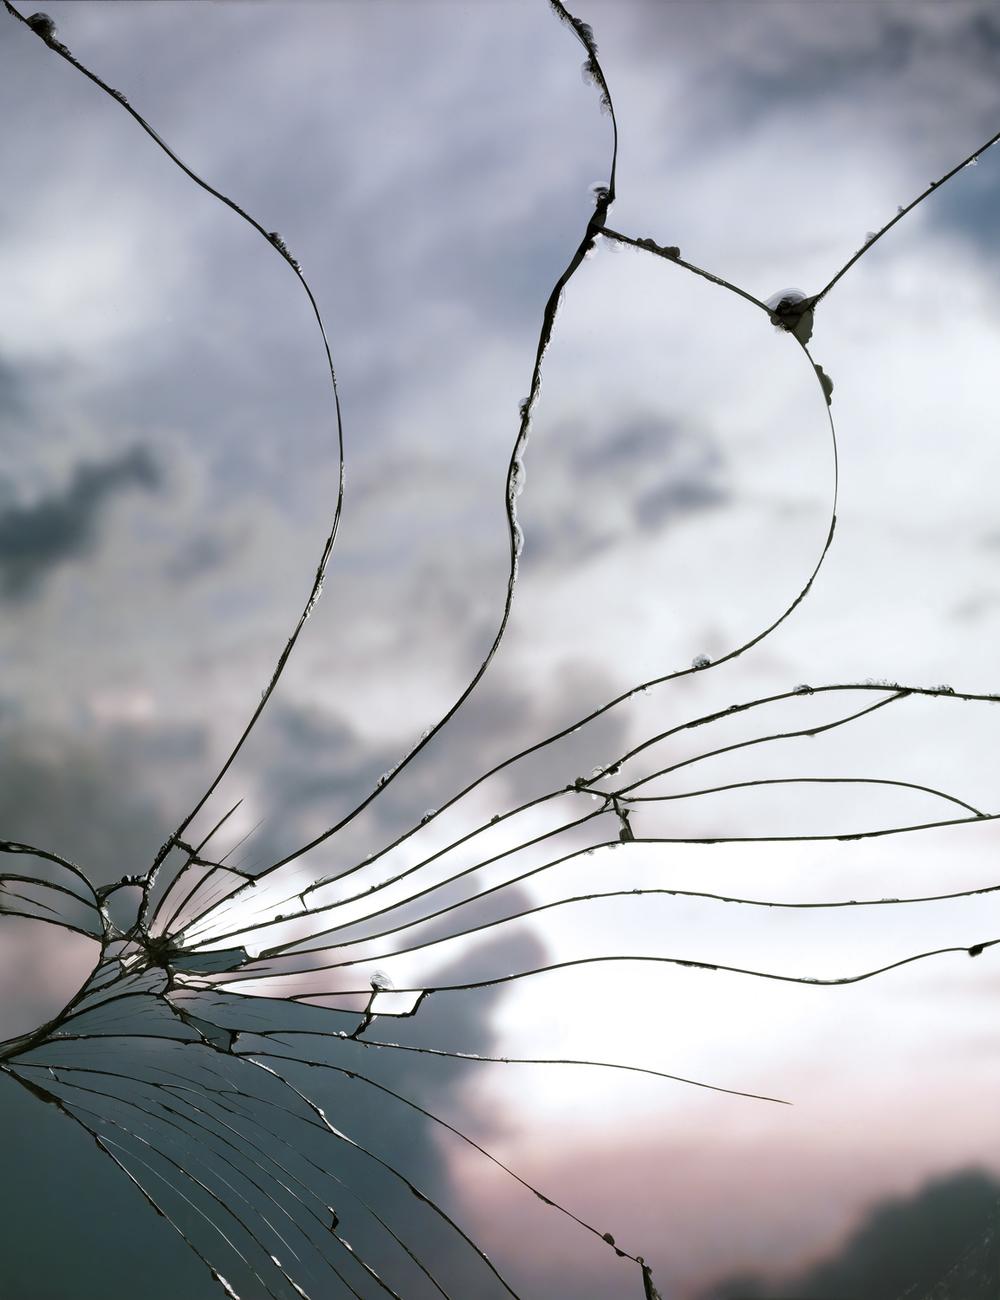 Bing Wright - Broken Mirror Evening Sky (Rozbité zrcadlo a večerní obloha)